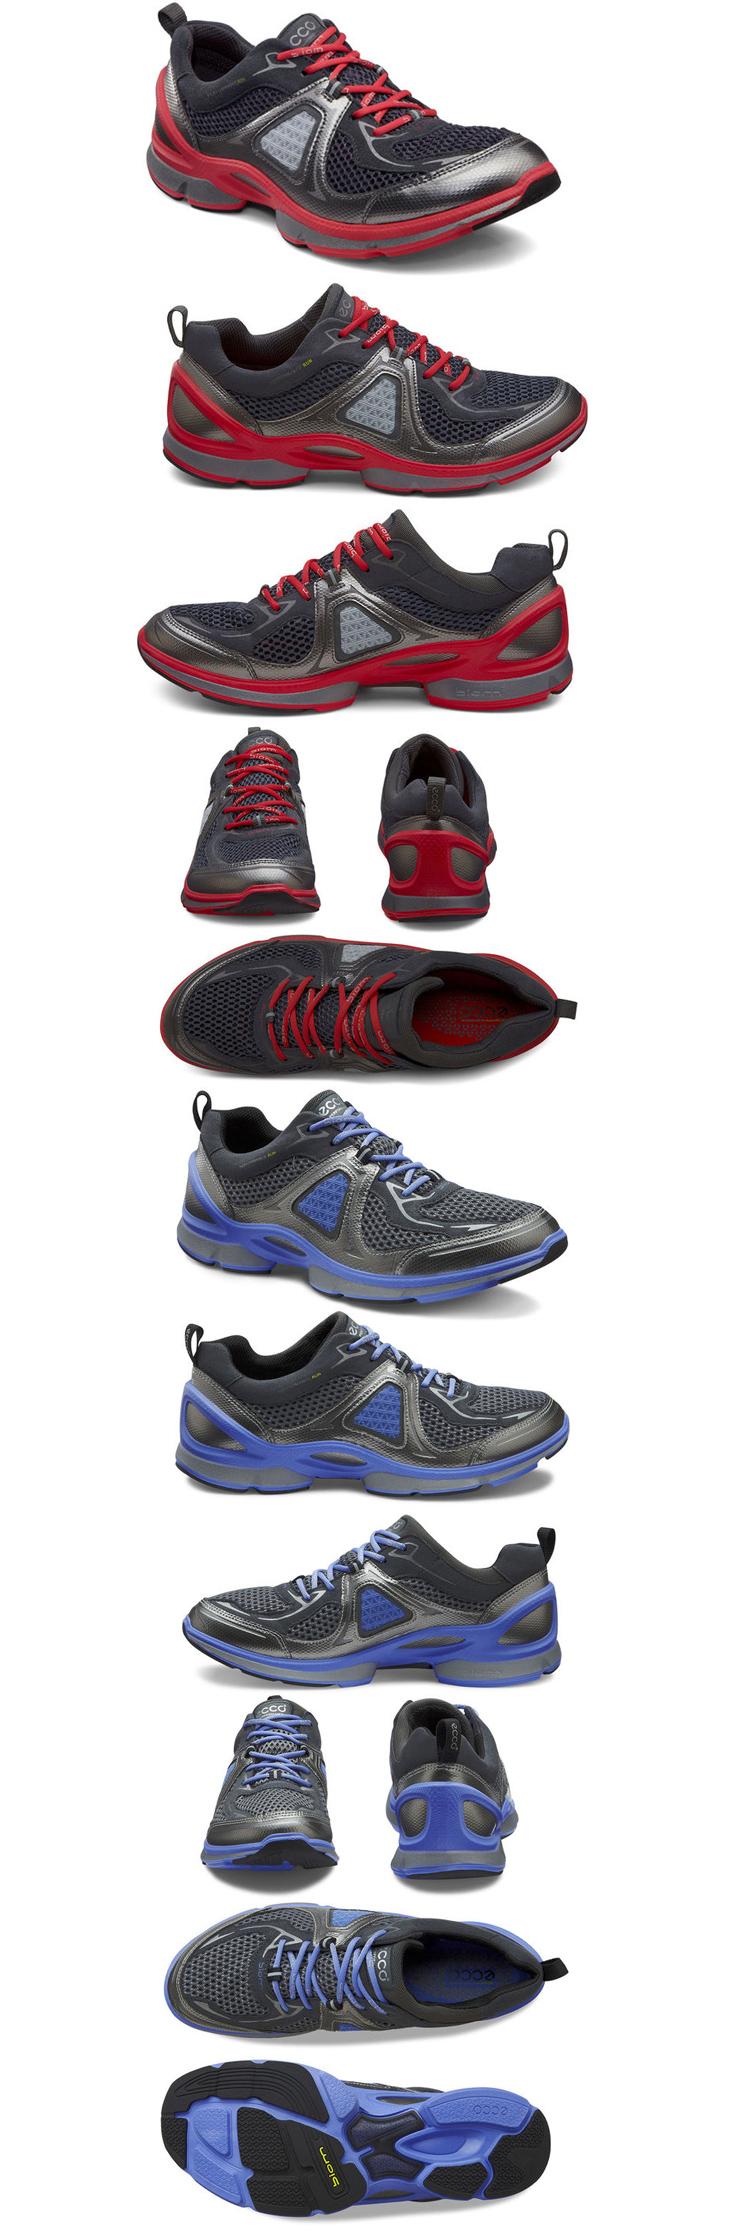 ecco爱步2014新款 女鞋运动鞋800103专柜正品